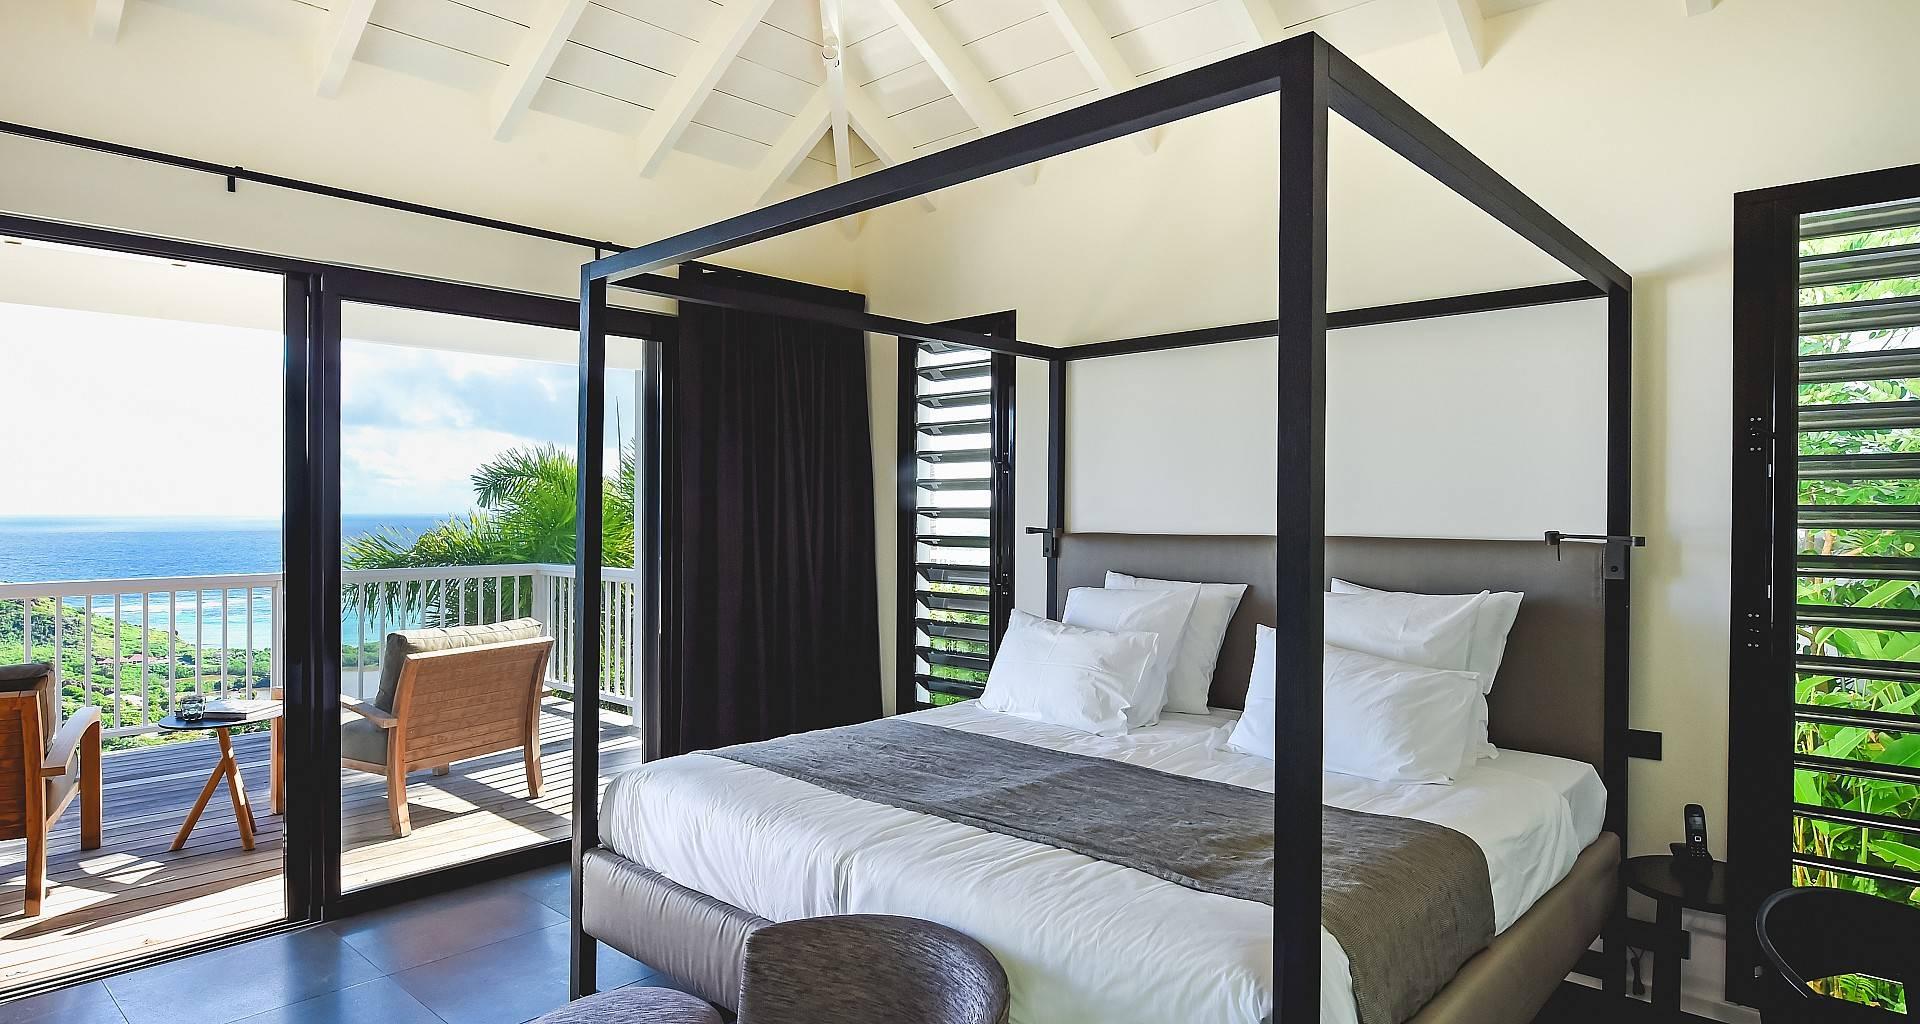 Villa Belle Etoile Bedroom 2 - Pain de Sucre